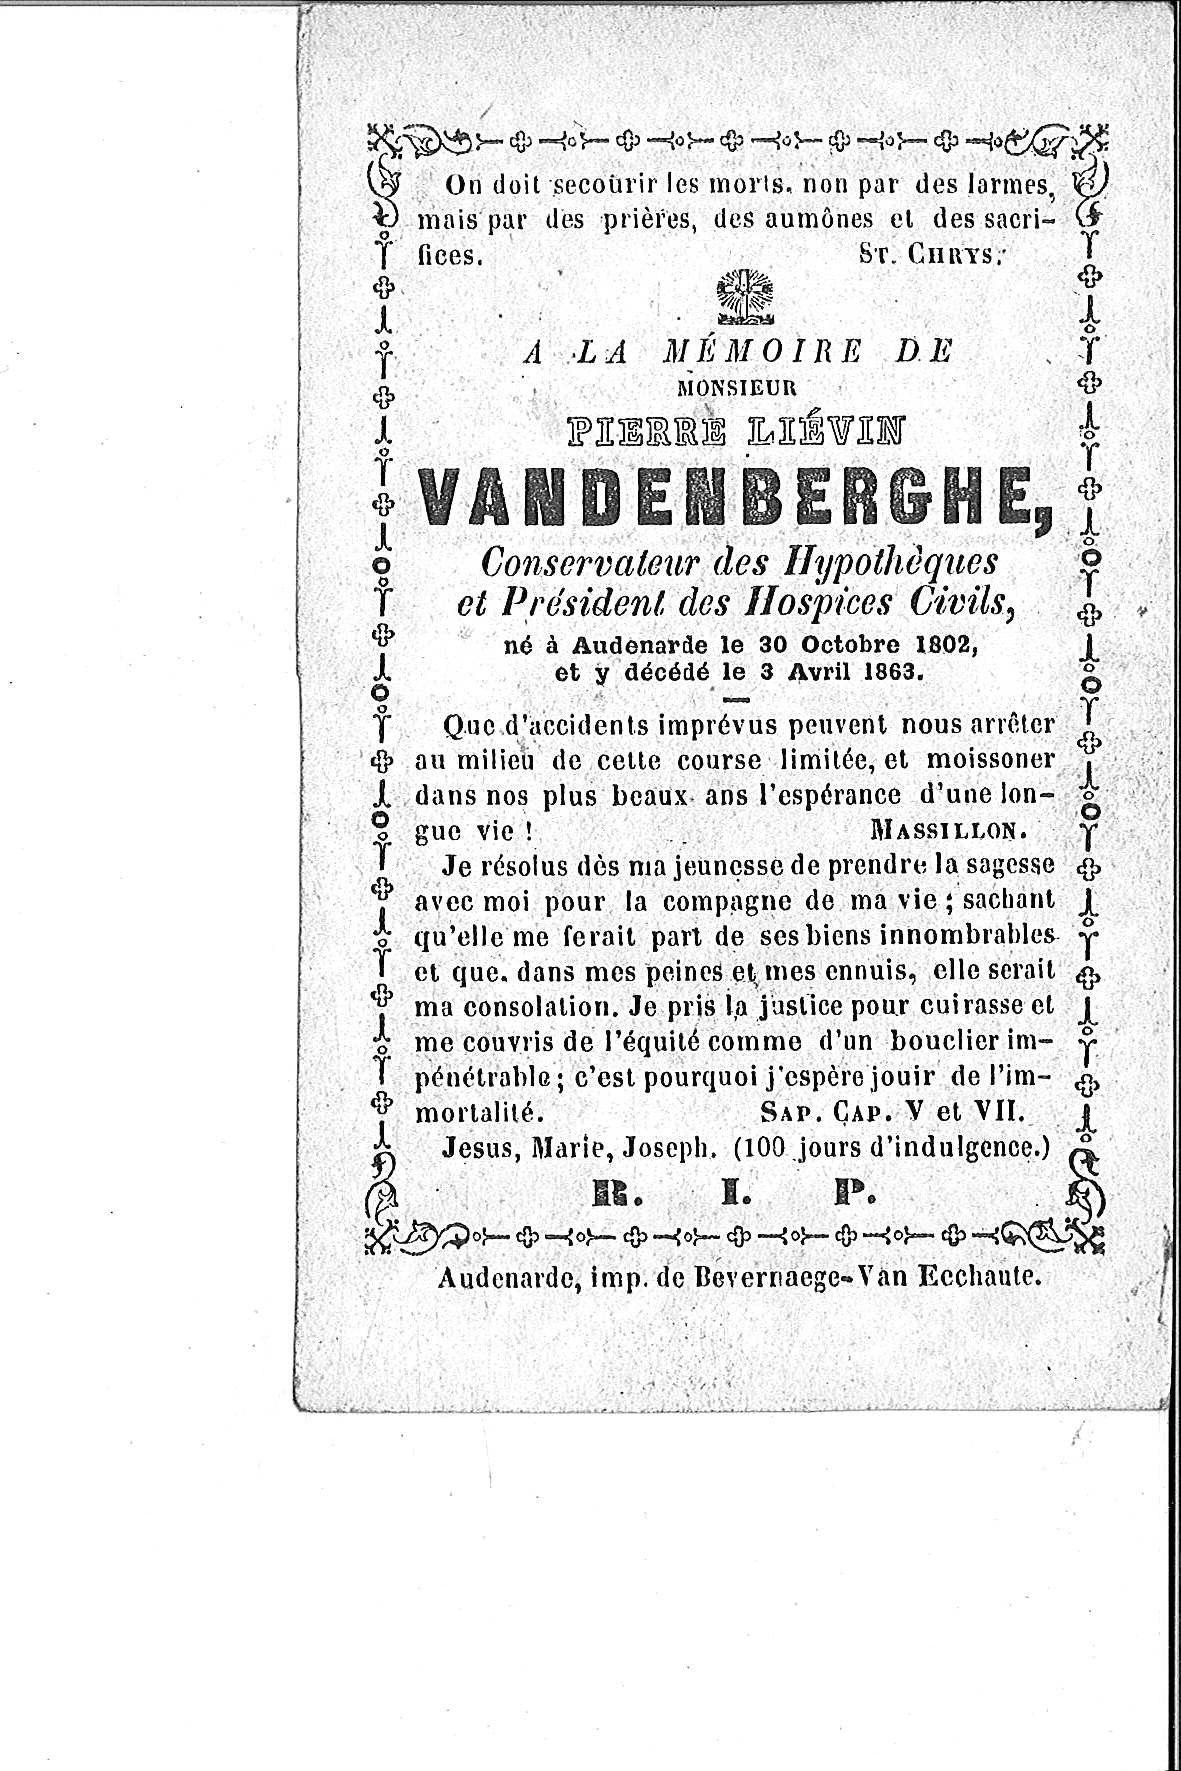 Pierre_Liévin(1863)20150804113509_00013.jpg